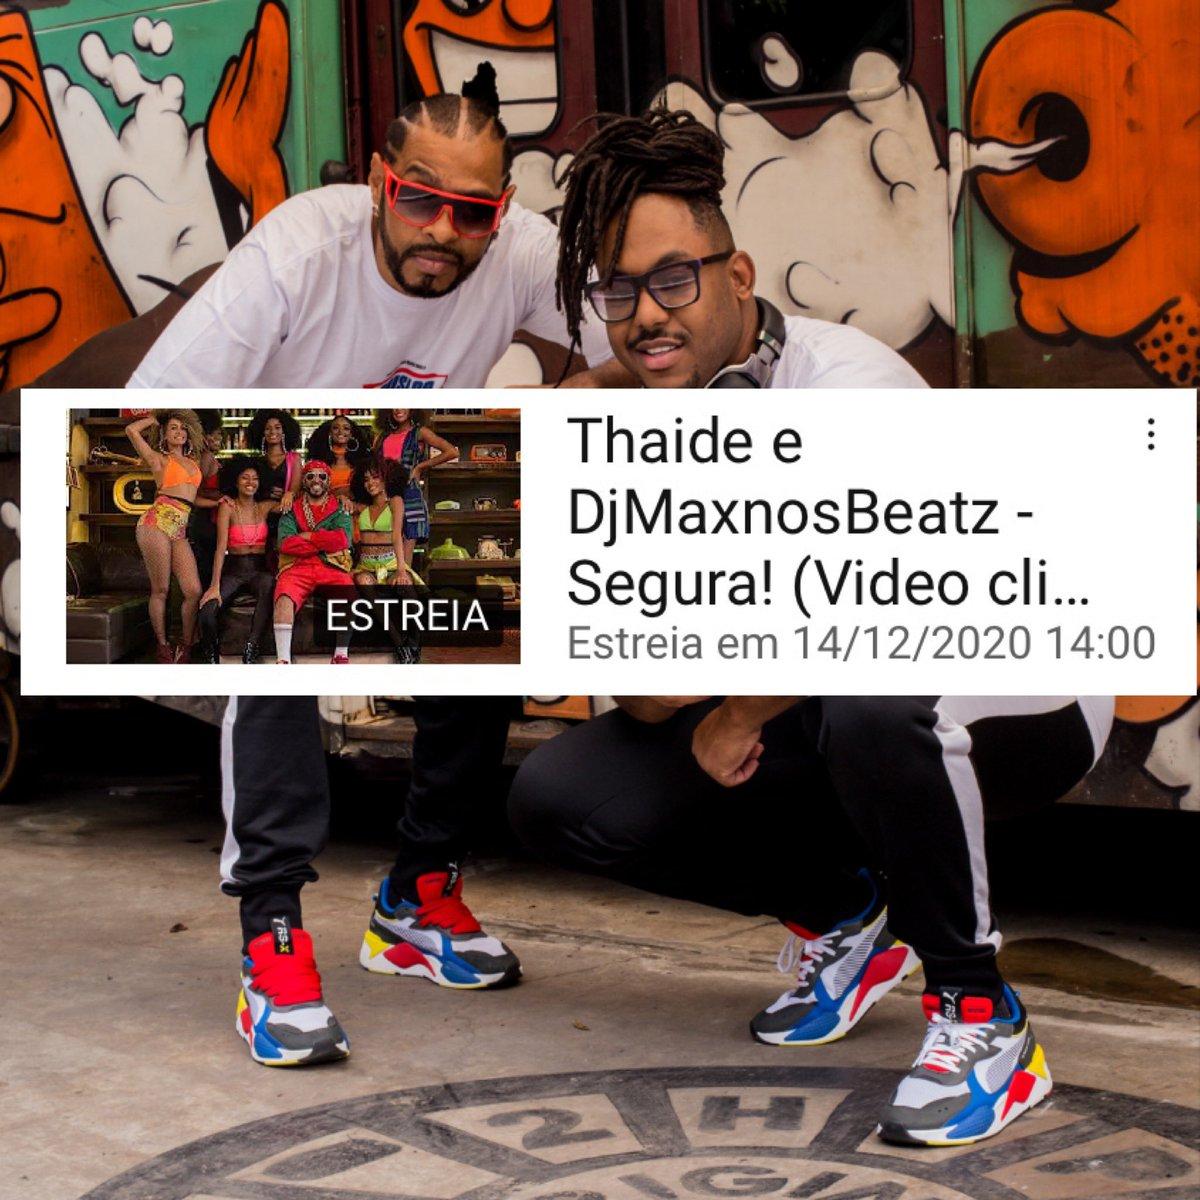 Ontem lançamos a música  #Segura Thaide e DJ MaxnosBeatz em todas a plataformas digitais, segunda feira as 14h lançaremos o vídeo clipe no meu canal YouTube. Link:   Faça sua inscrição, juntos somos + fortes. #VQVQOSNPP